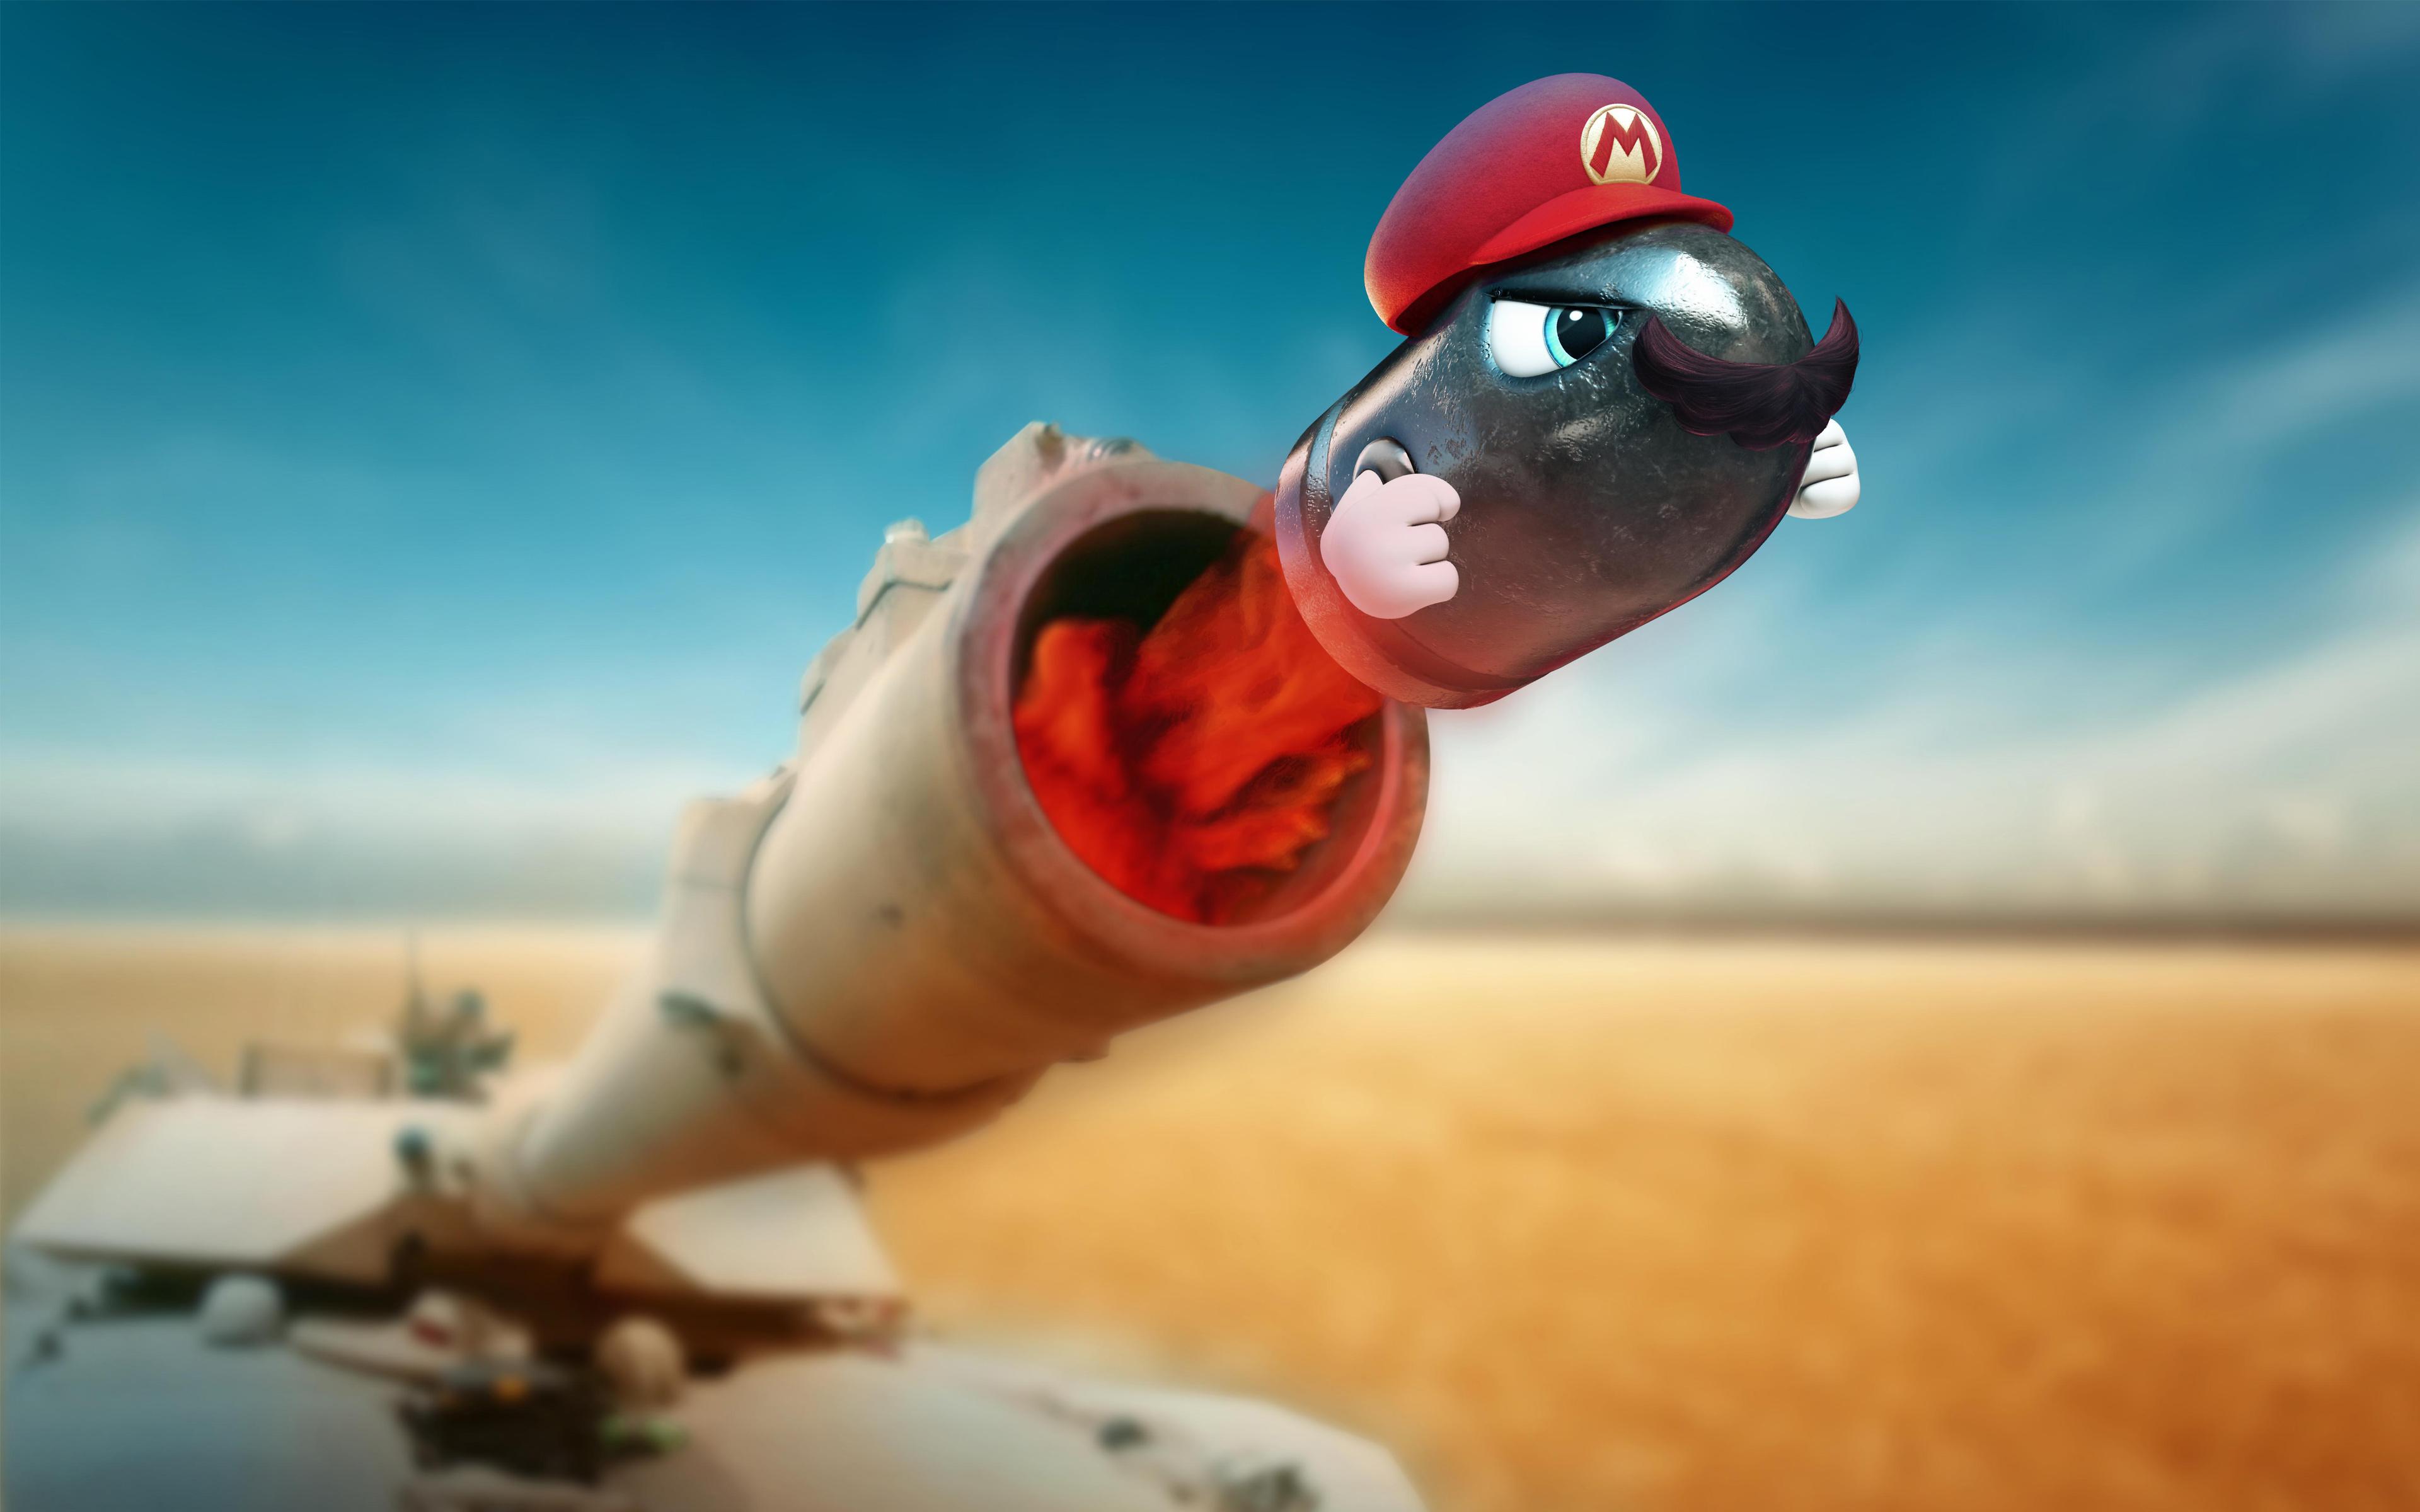 Супер Марио танковая Одиссея обои скачать